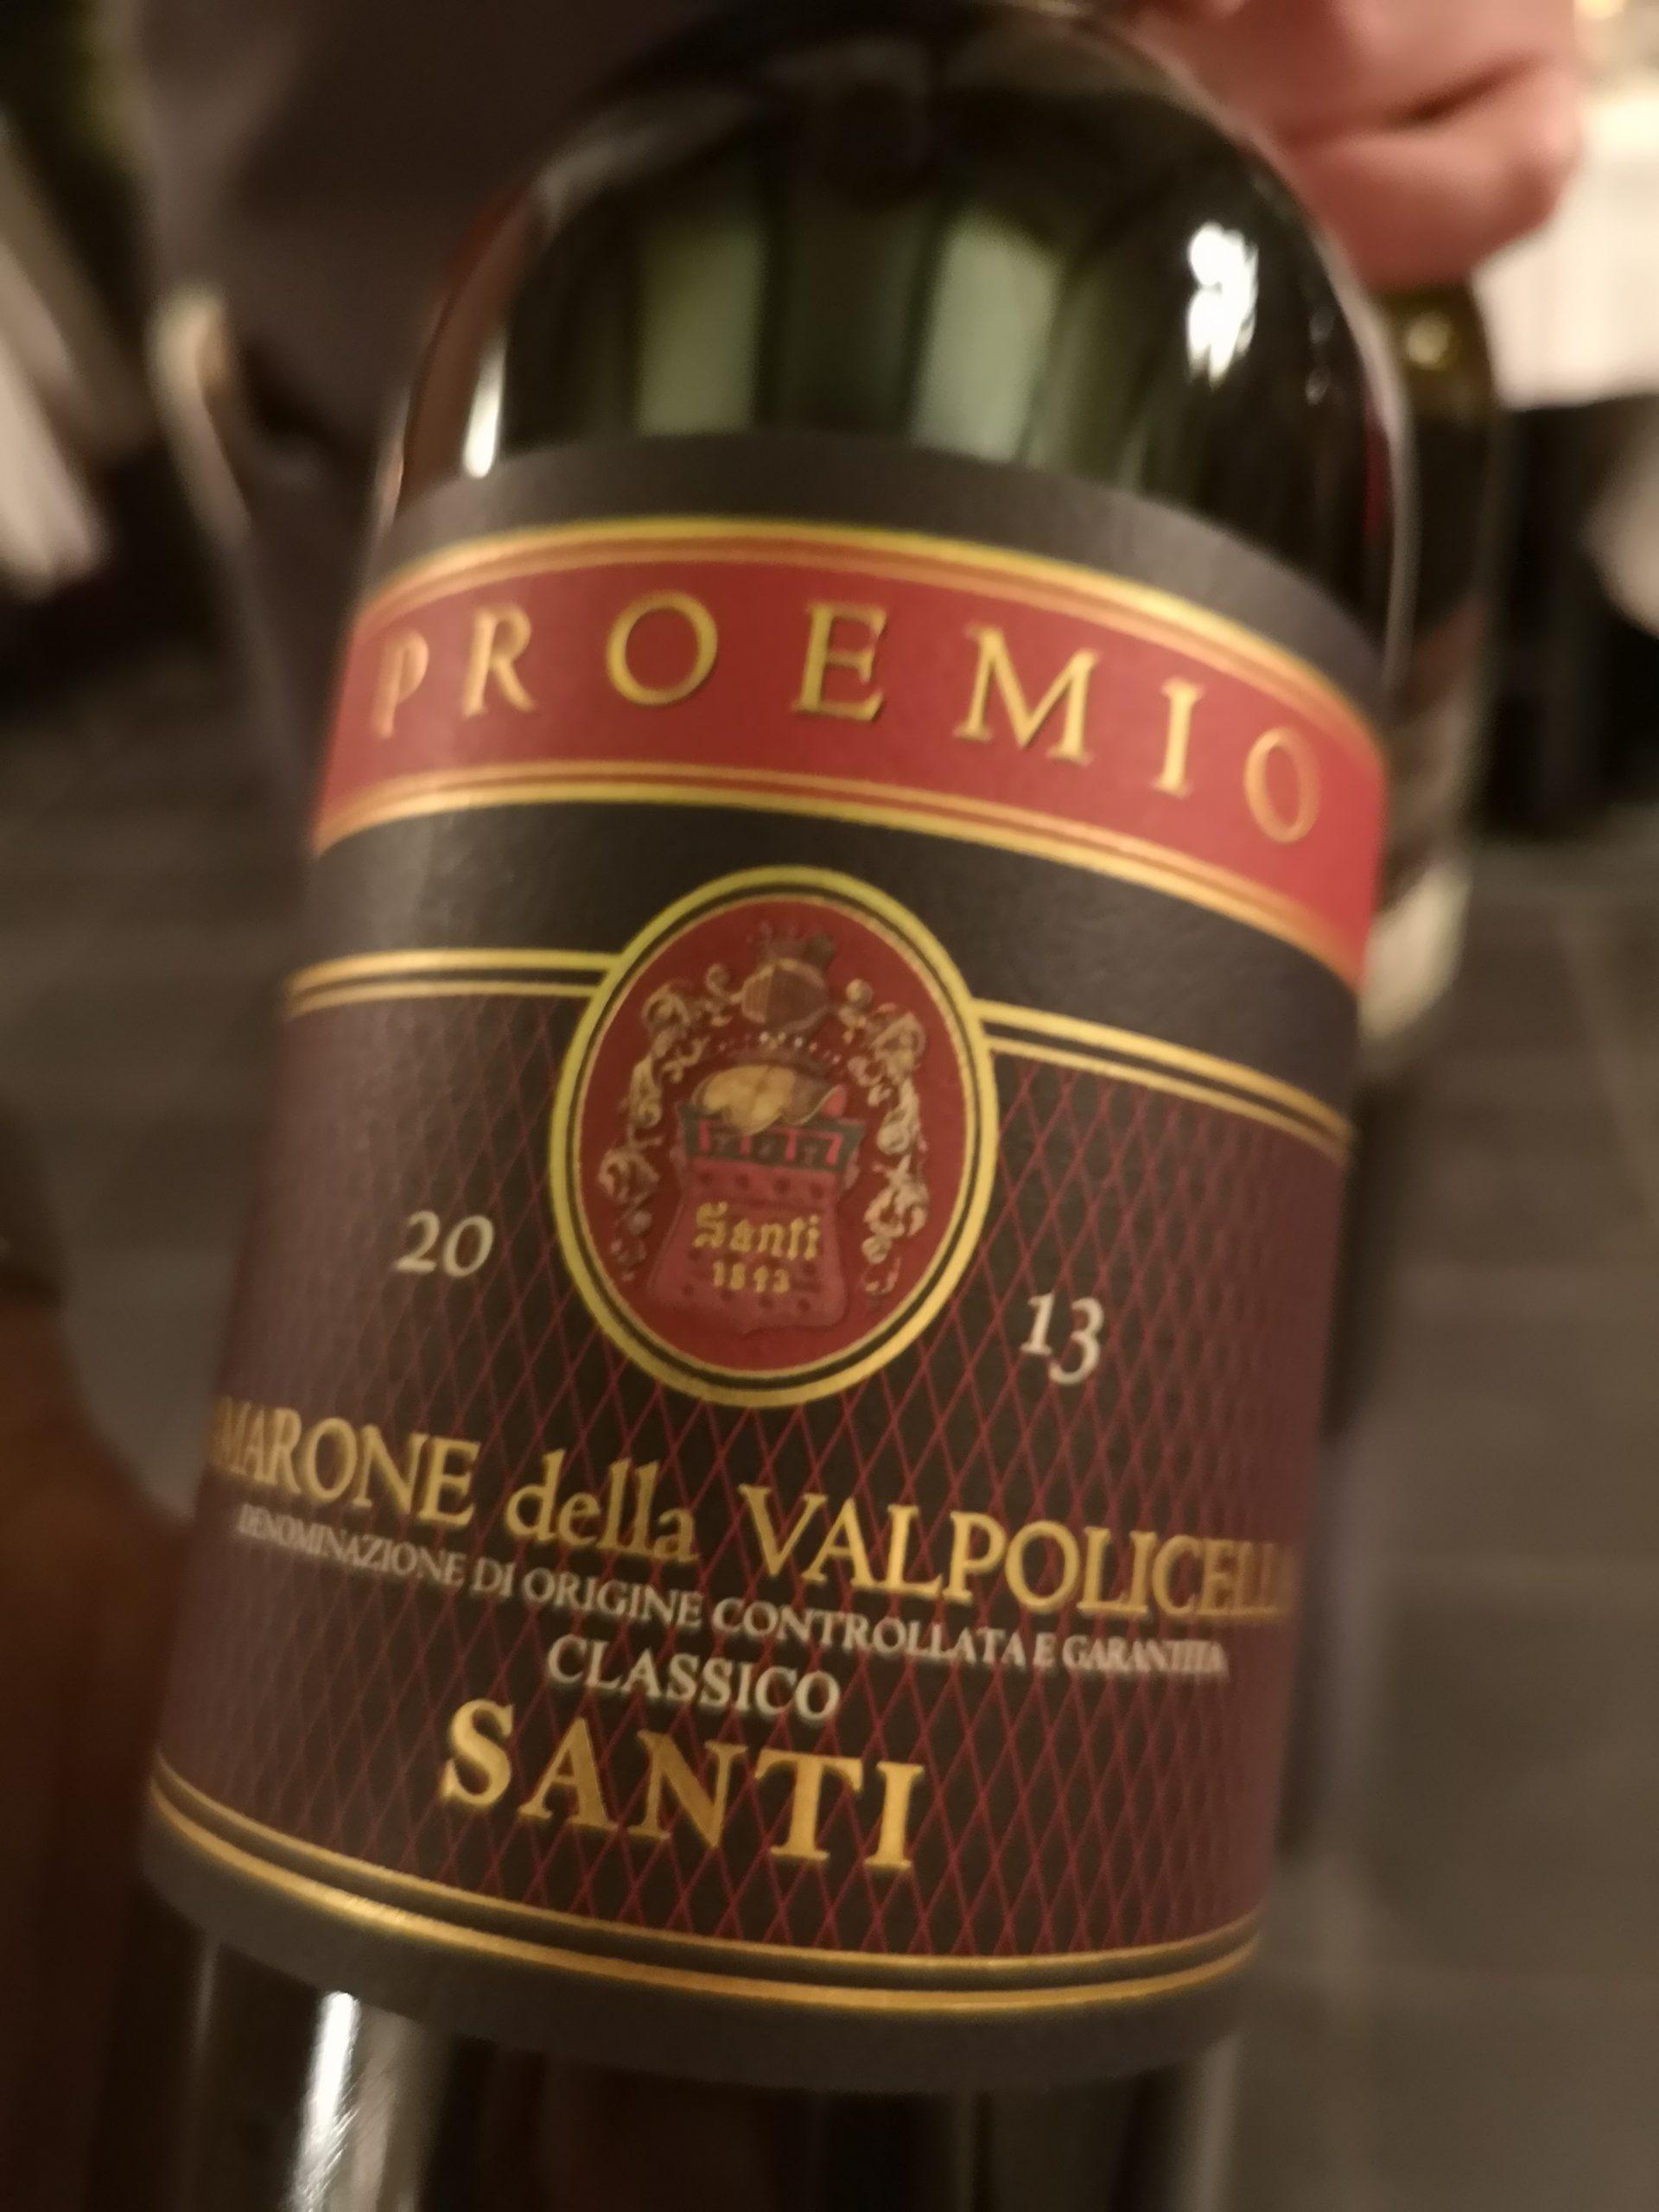 2013 Amarone della Valpolicella Proemio | Santi